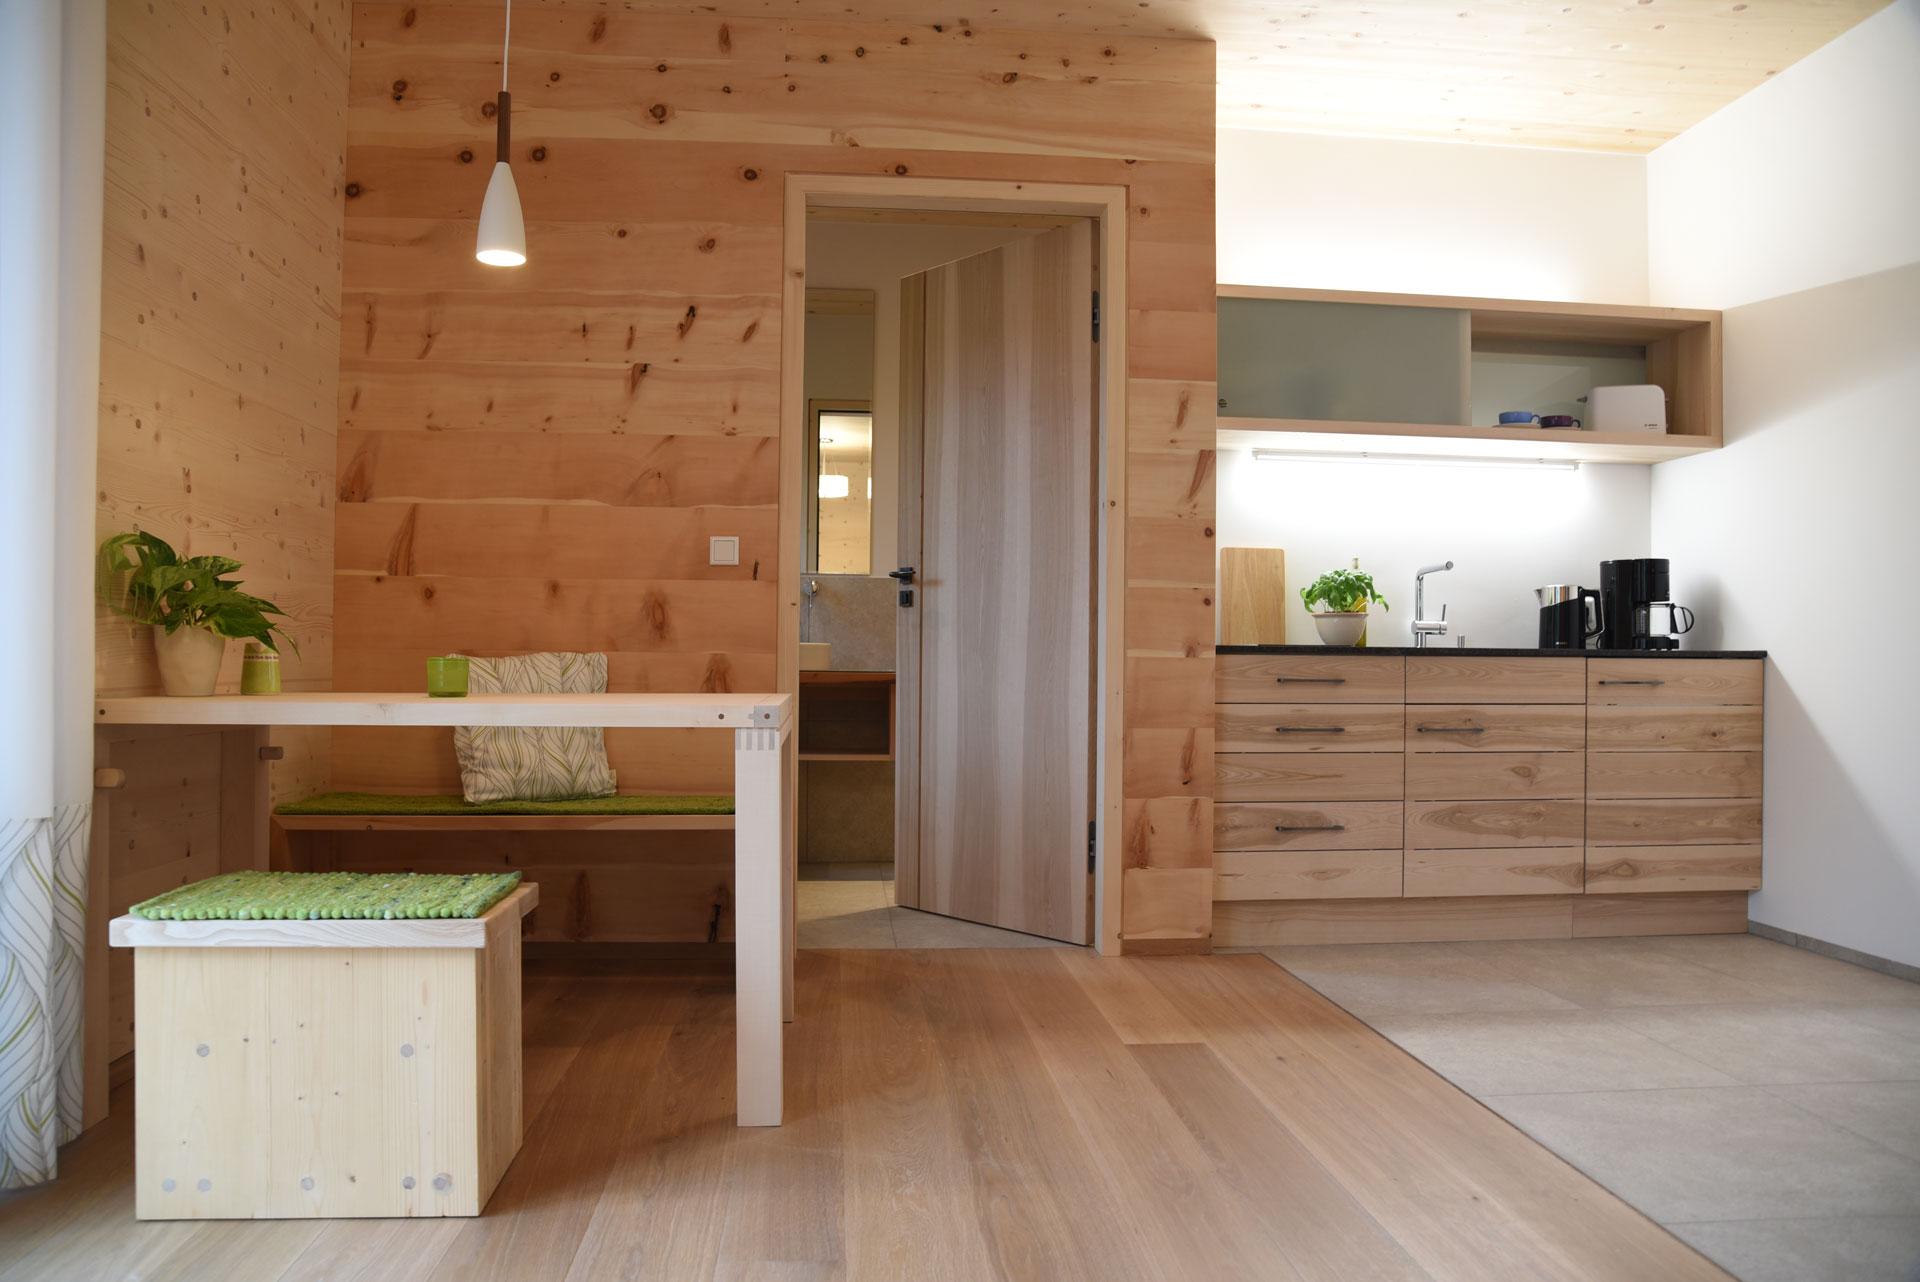 Esstisch und Küche in der Holz100-Haus-Probewohnung in Bad Feilnbach